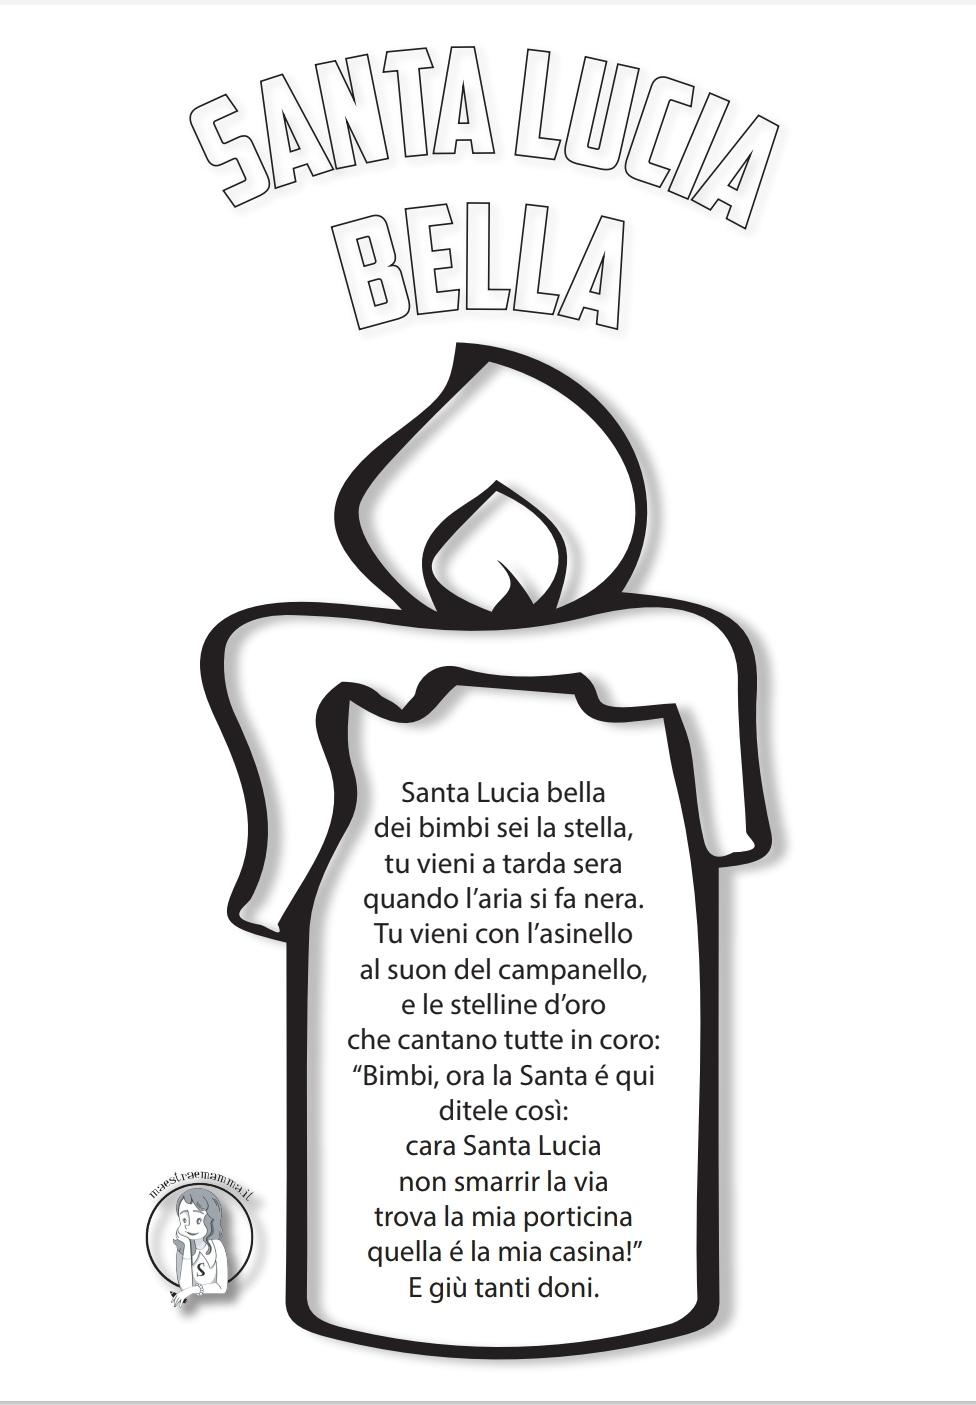 poesia Santa Lucia bella per bambini